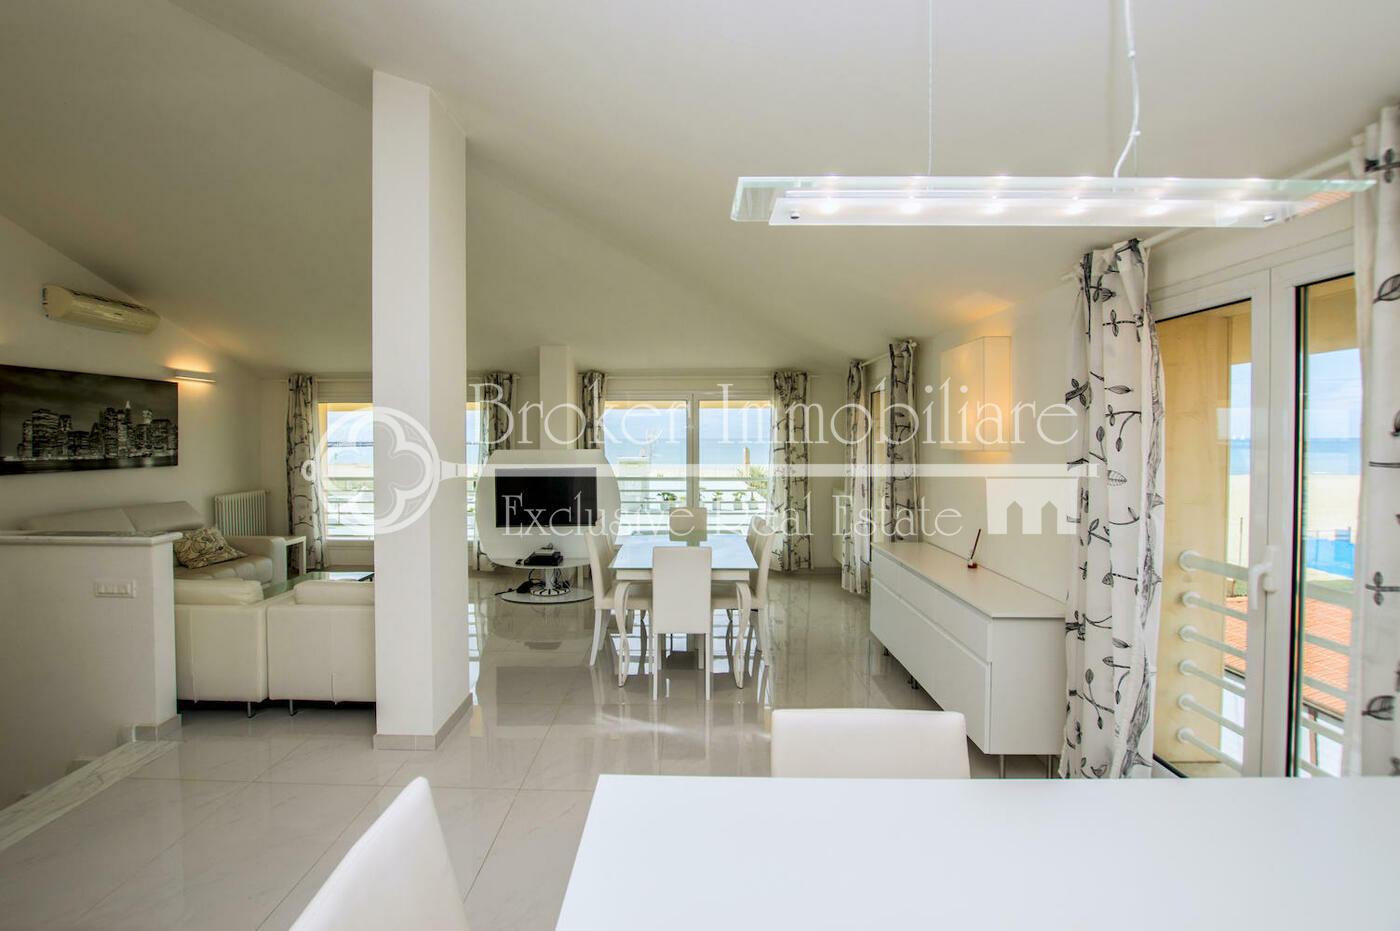 Appartamento in vendita a Viareggio con posto auto e vista mare